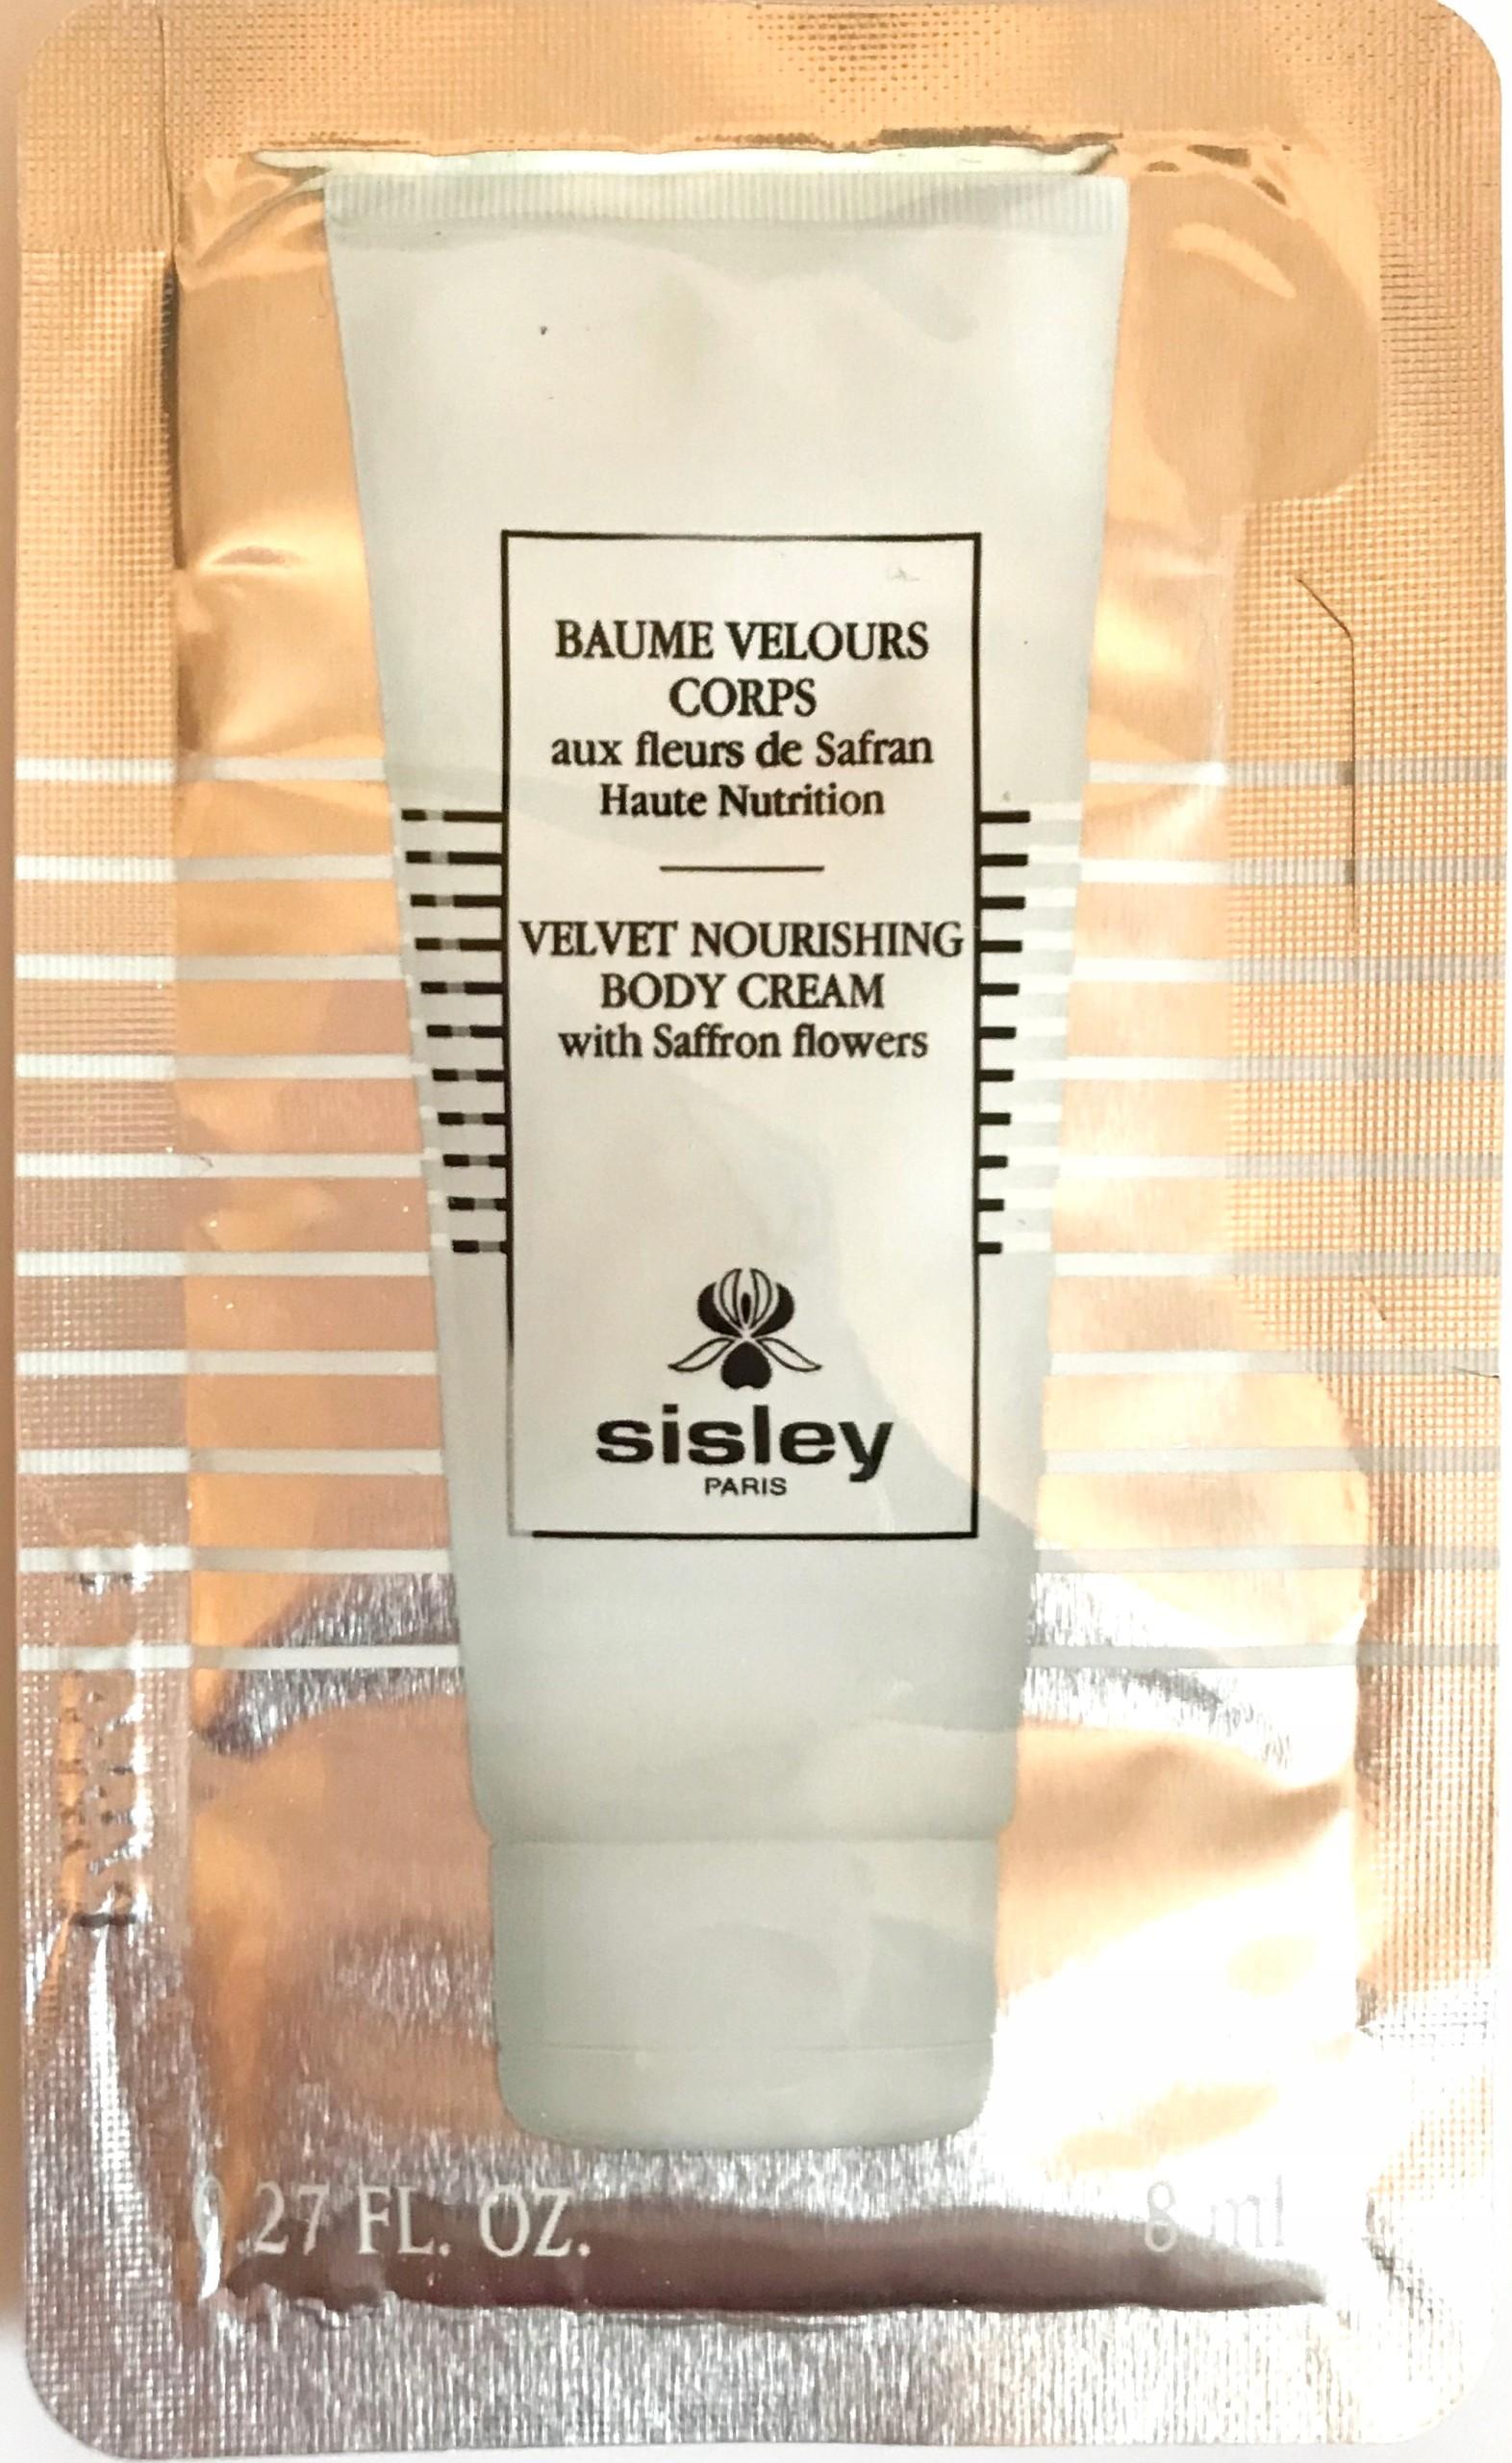 Sisley Velvet Nourishing Body Cream 8ml